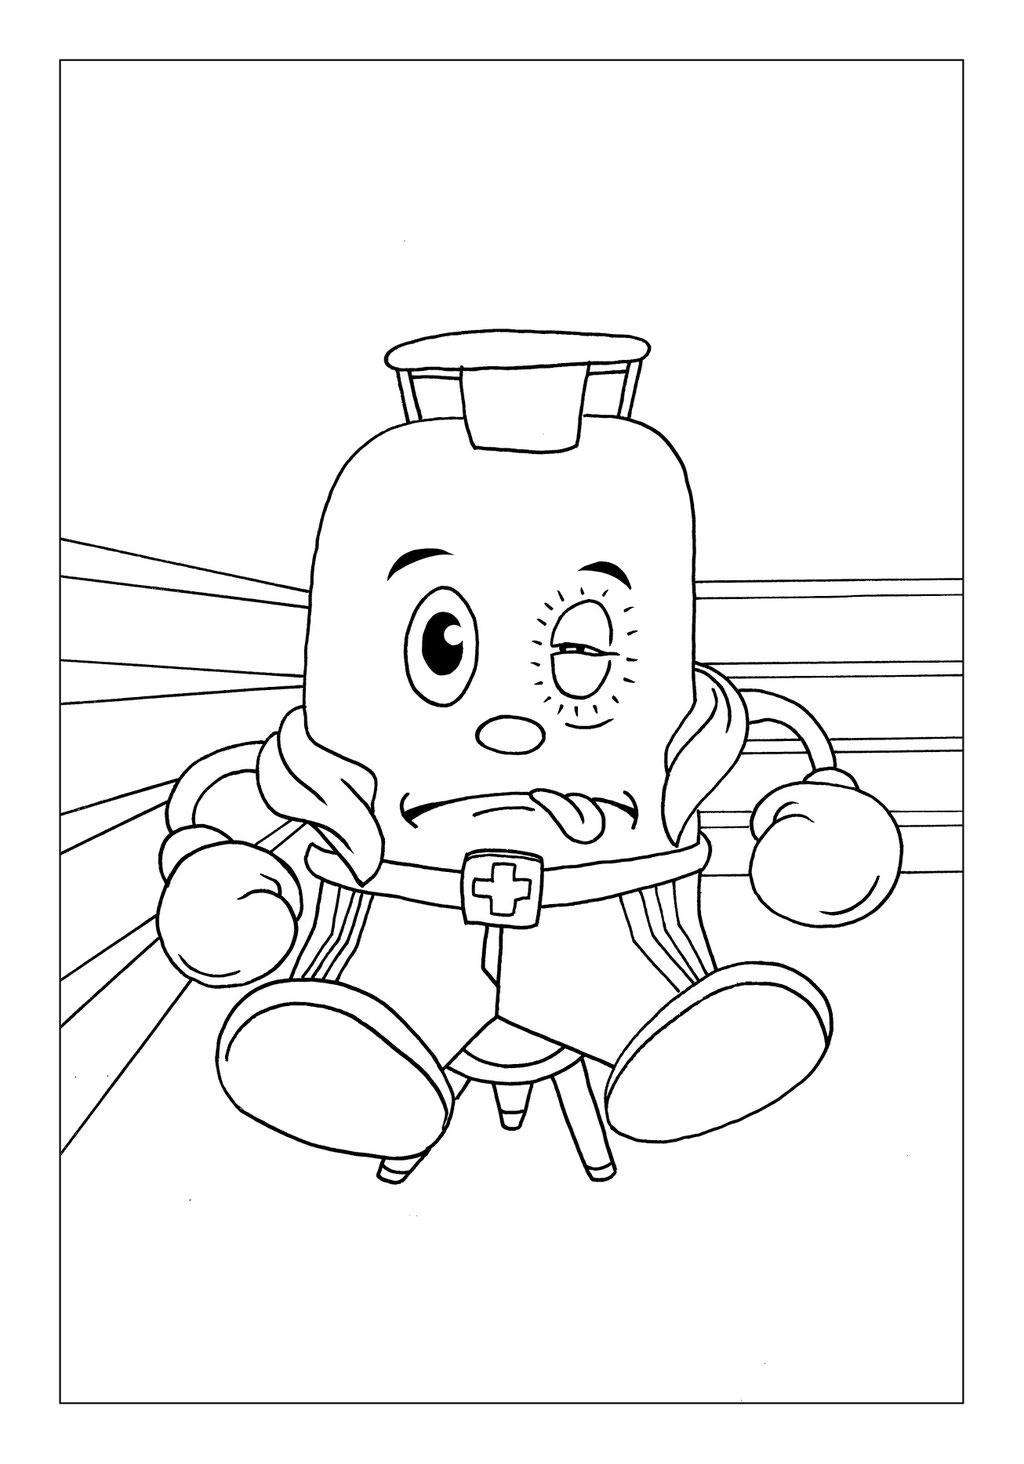 Vitogaz Kinder-Malbuch: Idee Zeichnung und Illustration: im Boxring mit blauem Auge